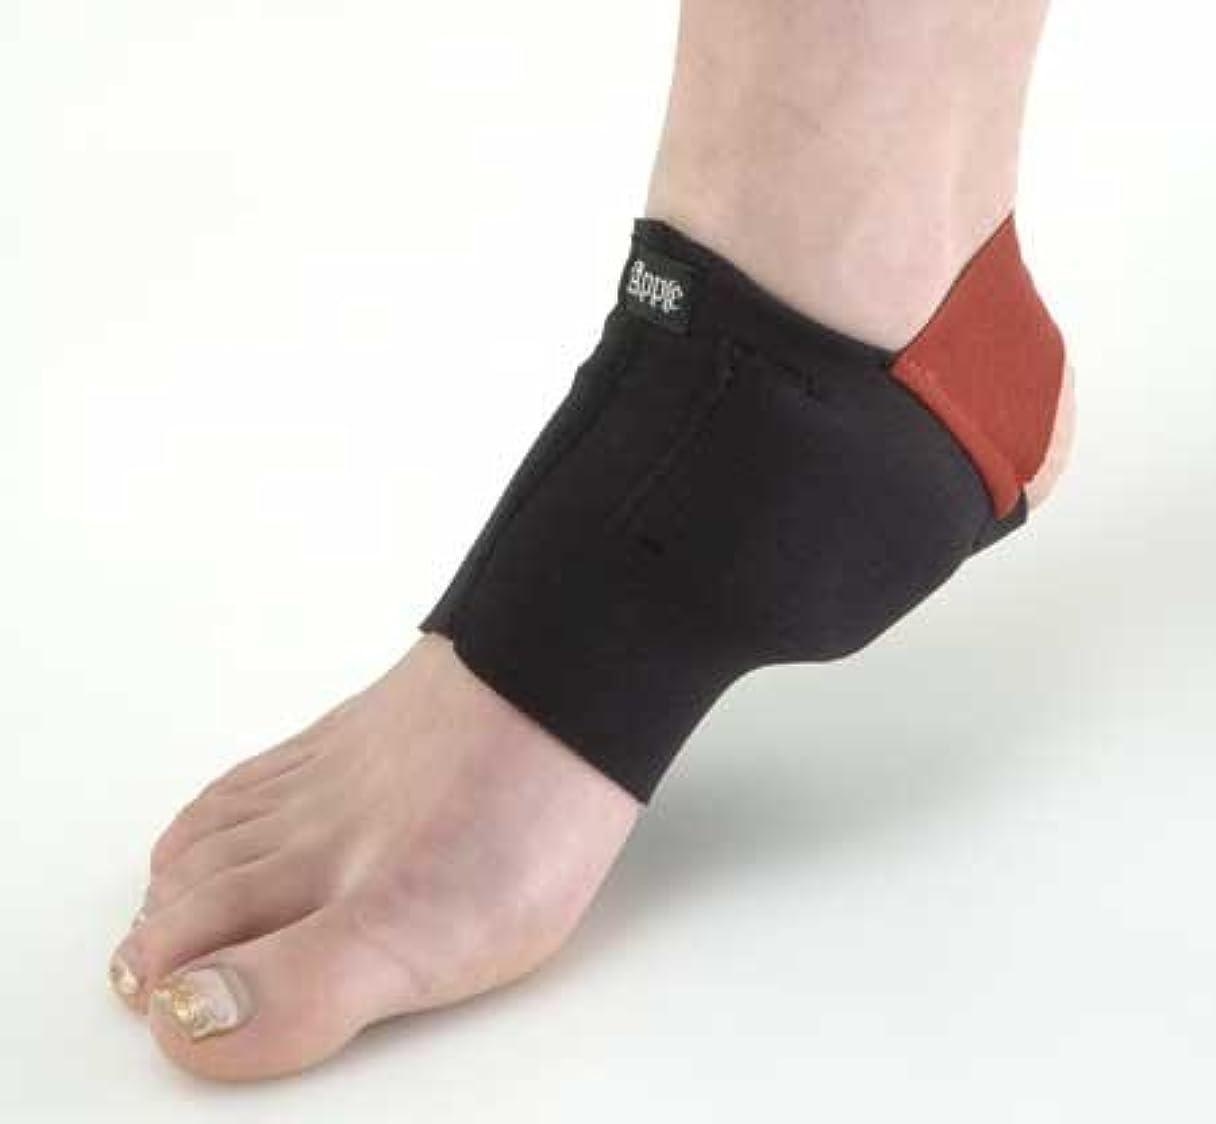 つかの間修士号不健康有痛性外けい骨用サポーター左足 ブラック Sサイズ(甲周り20cm~22cm)